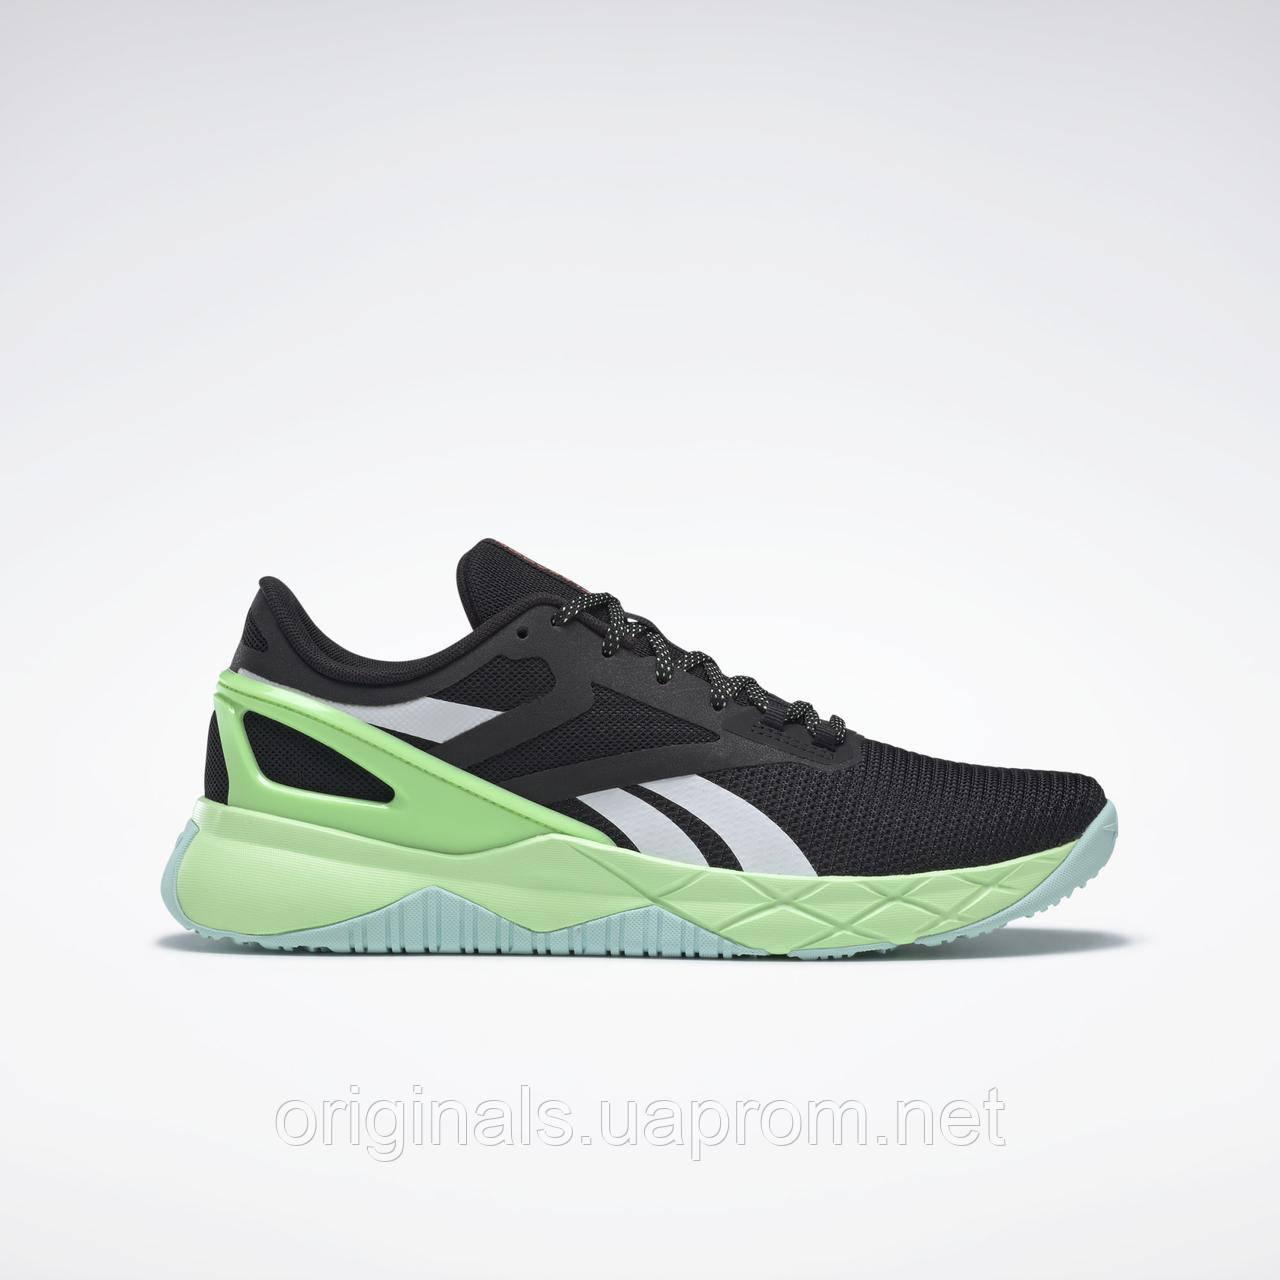 Мужские кроссовки для спорта Reebok Nanoflex TR FX7940 2021